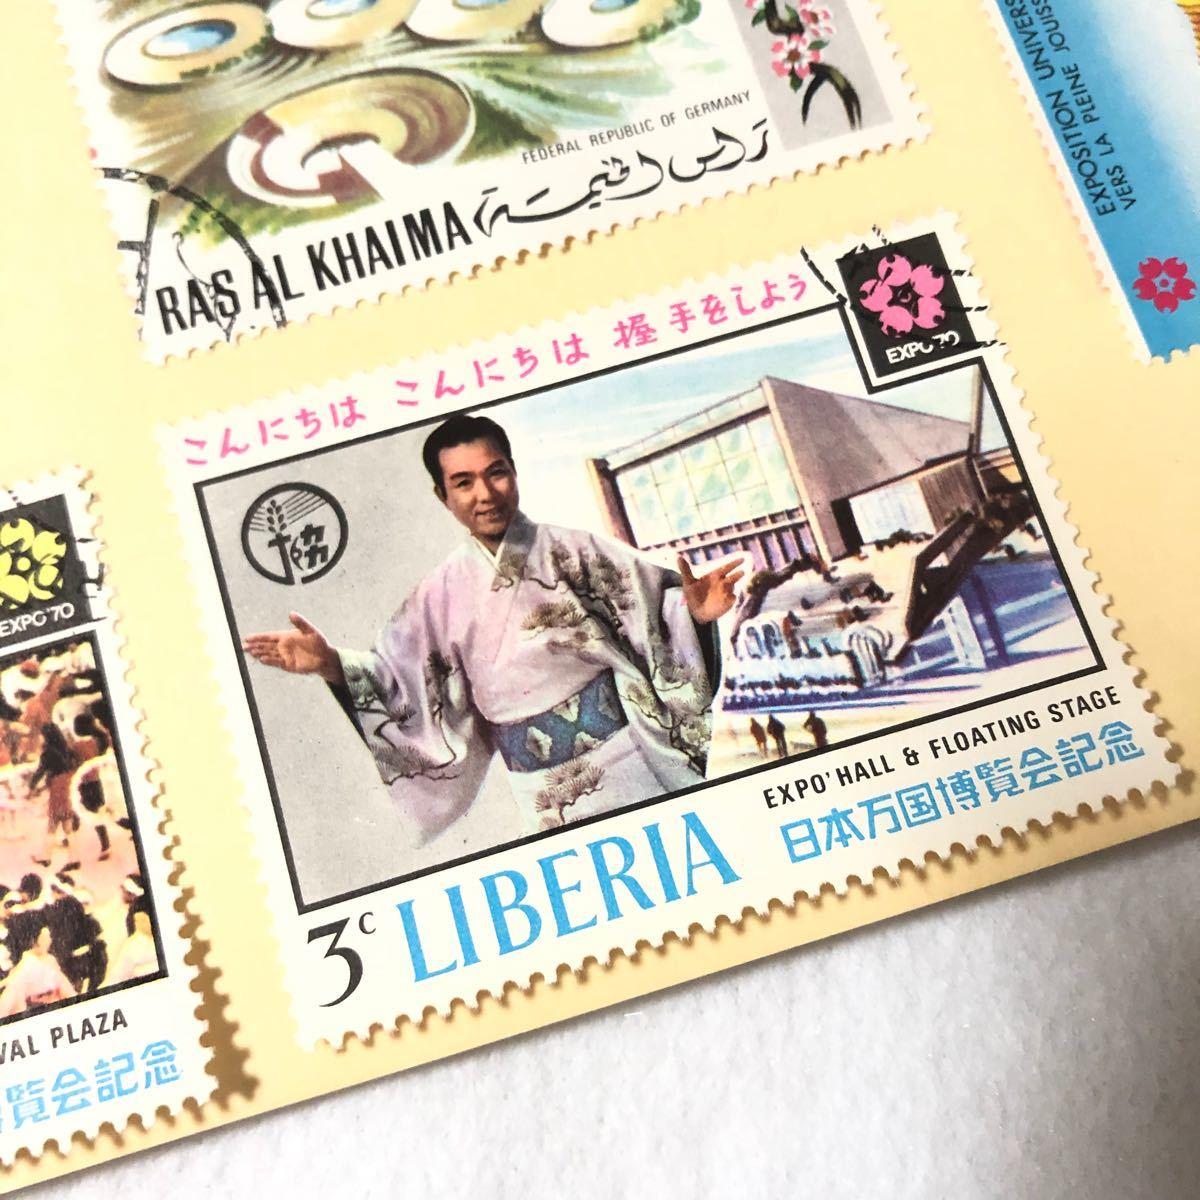 切手 使用済み切手 古切手 アンティーク コレクション 世界の万国博記念切手シート